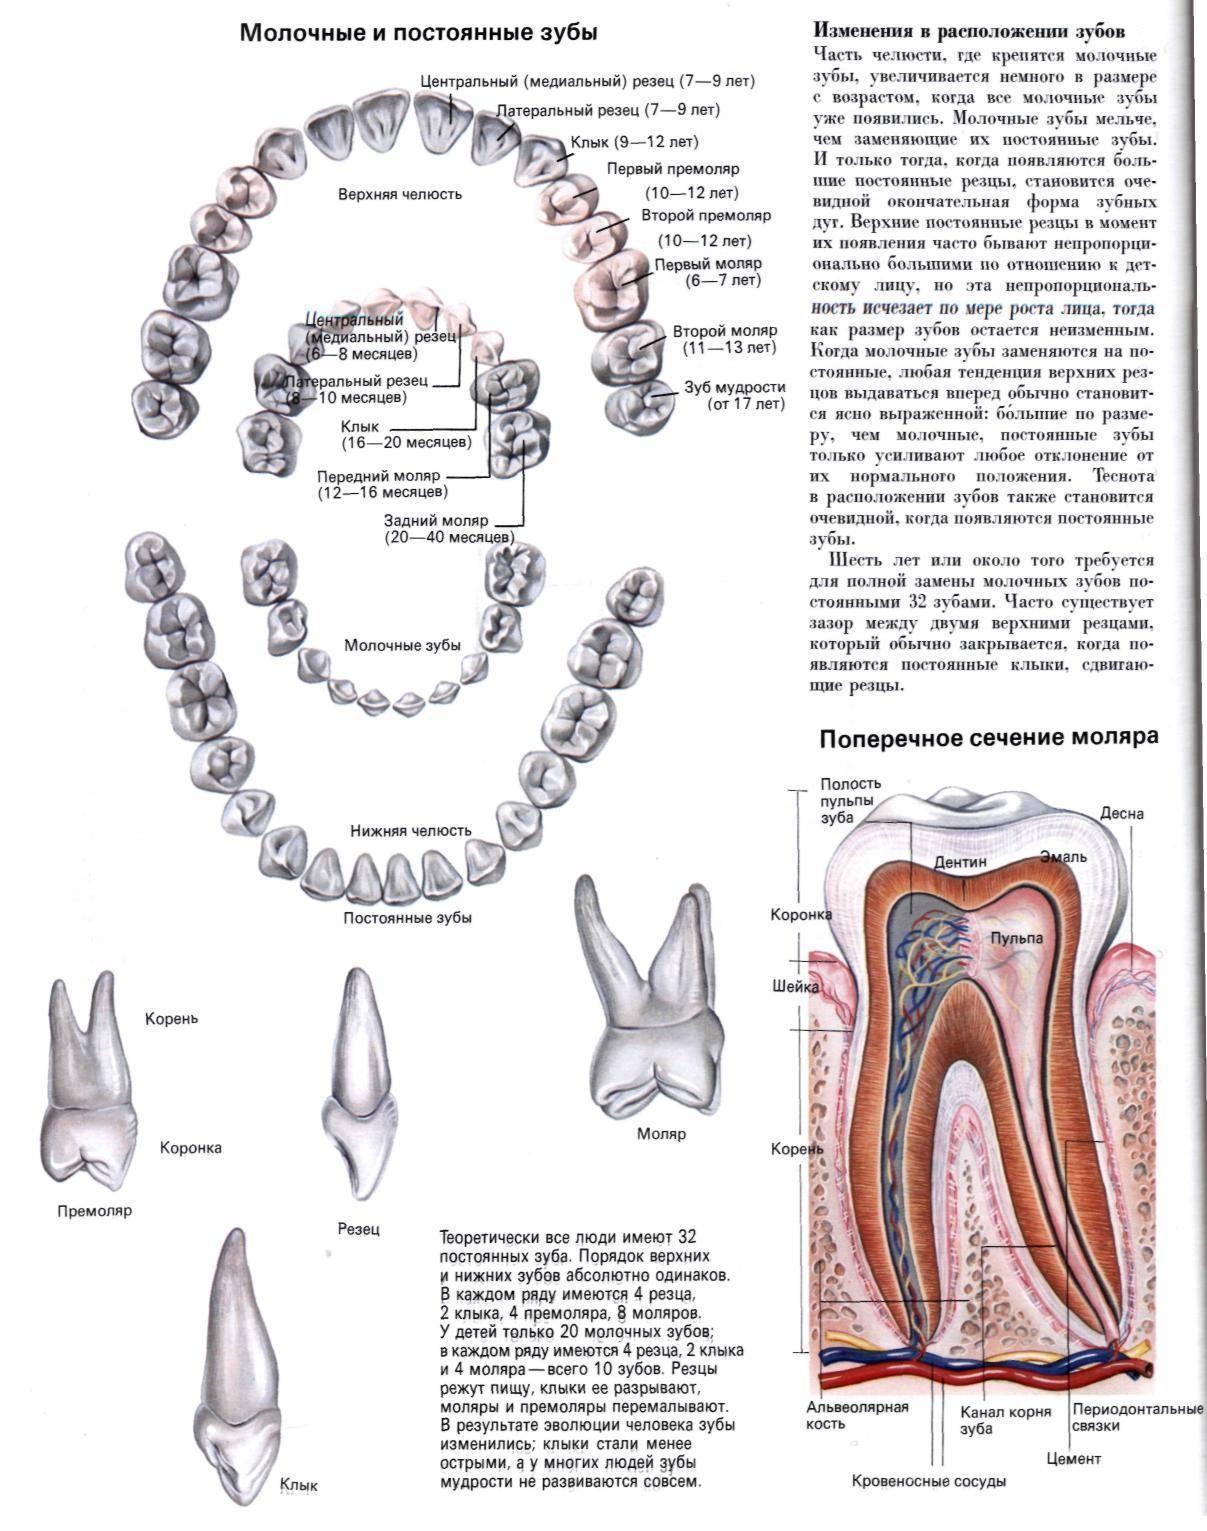 Читать книгу стоматология собак в. в. фролова : онлайн чтение - страница 3